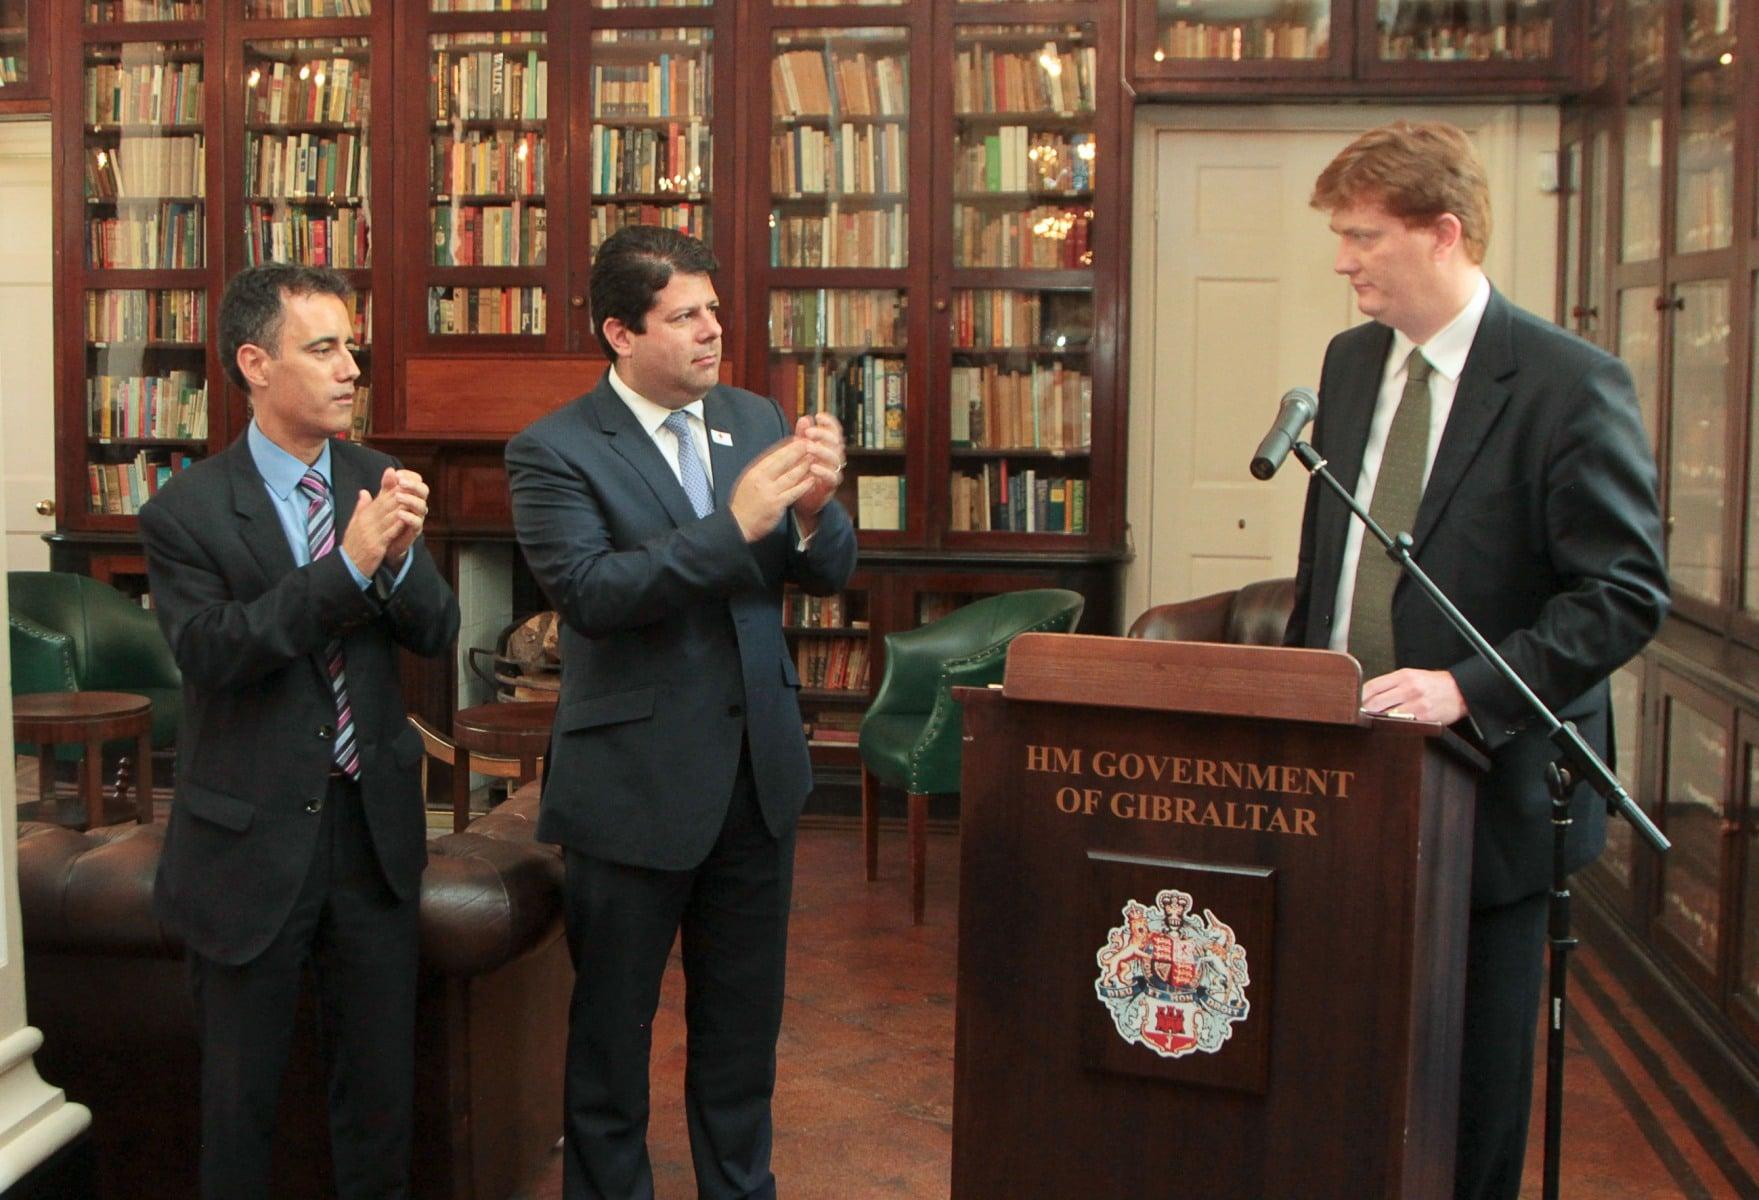 9-mayo-2014-visita-a-gibraltar-del-secretario-de-estado-britnico-daniel-alexander-con-ocasin-del-da-de-europa_14164926251_o